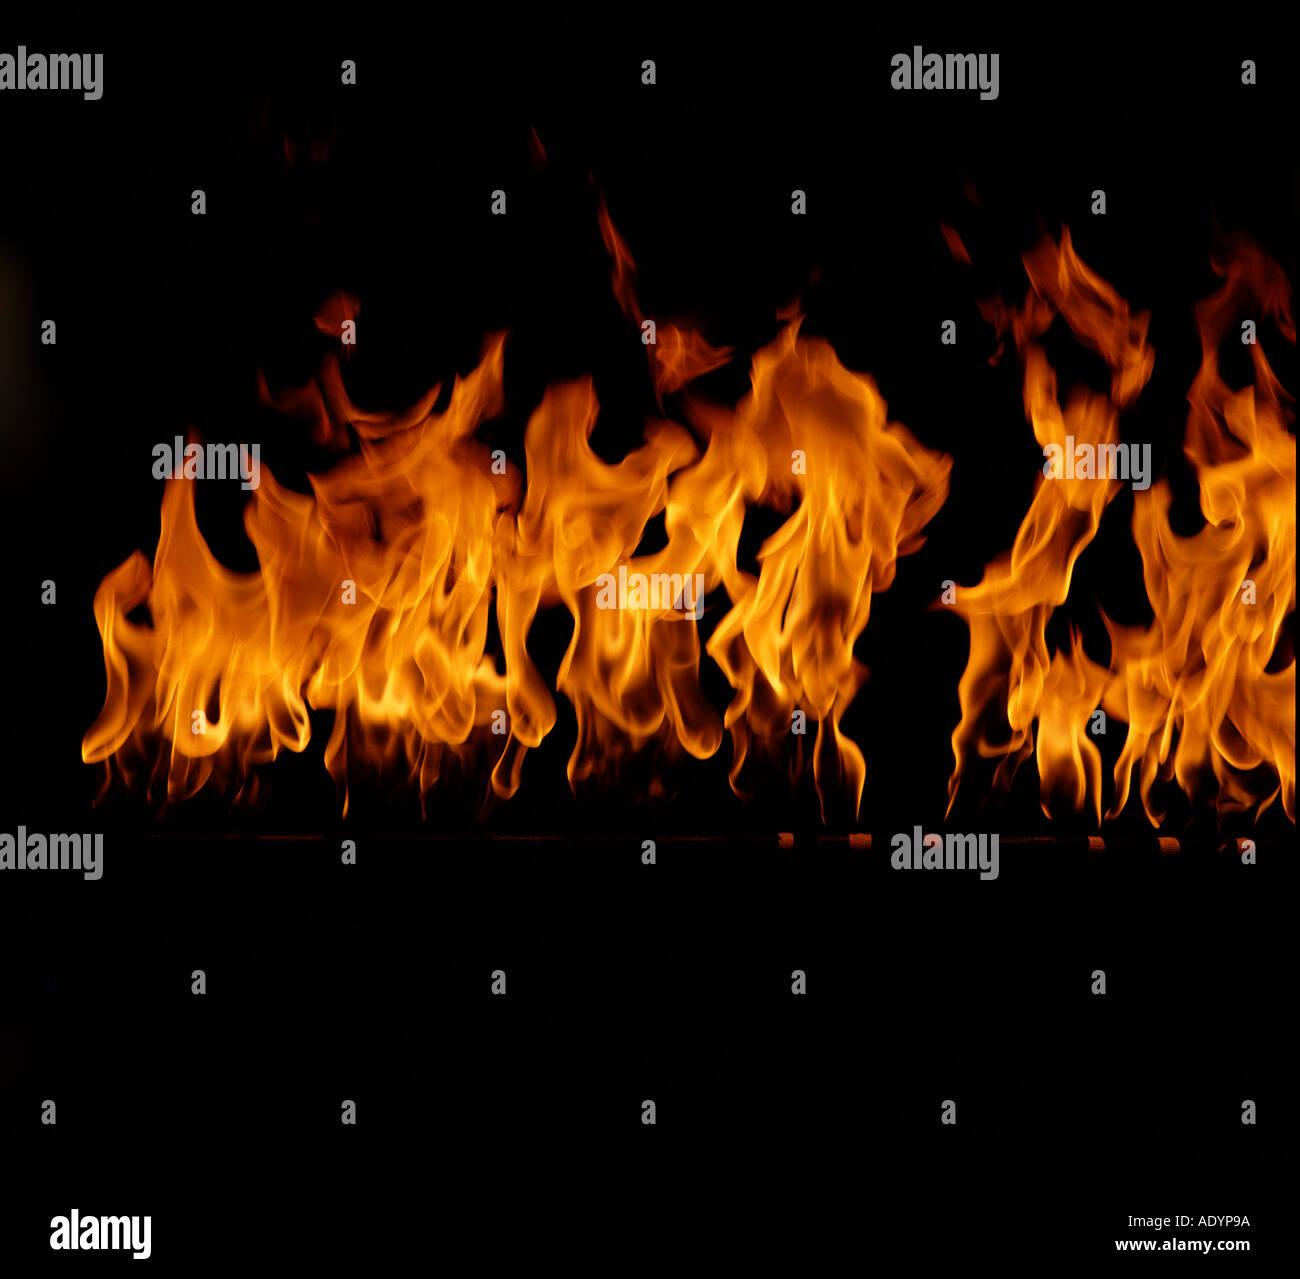 Flammes sur fond noir convient pour comping Photo Stock